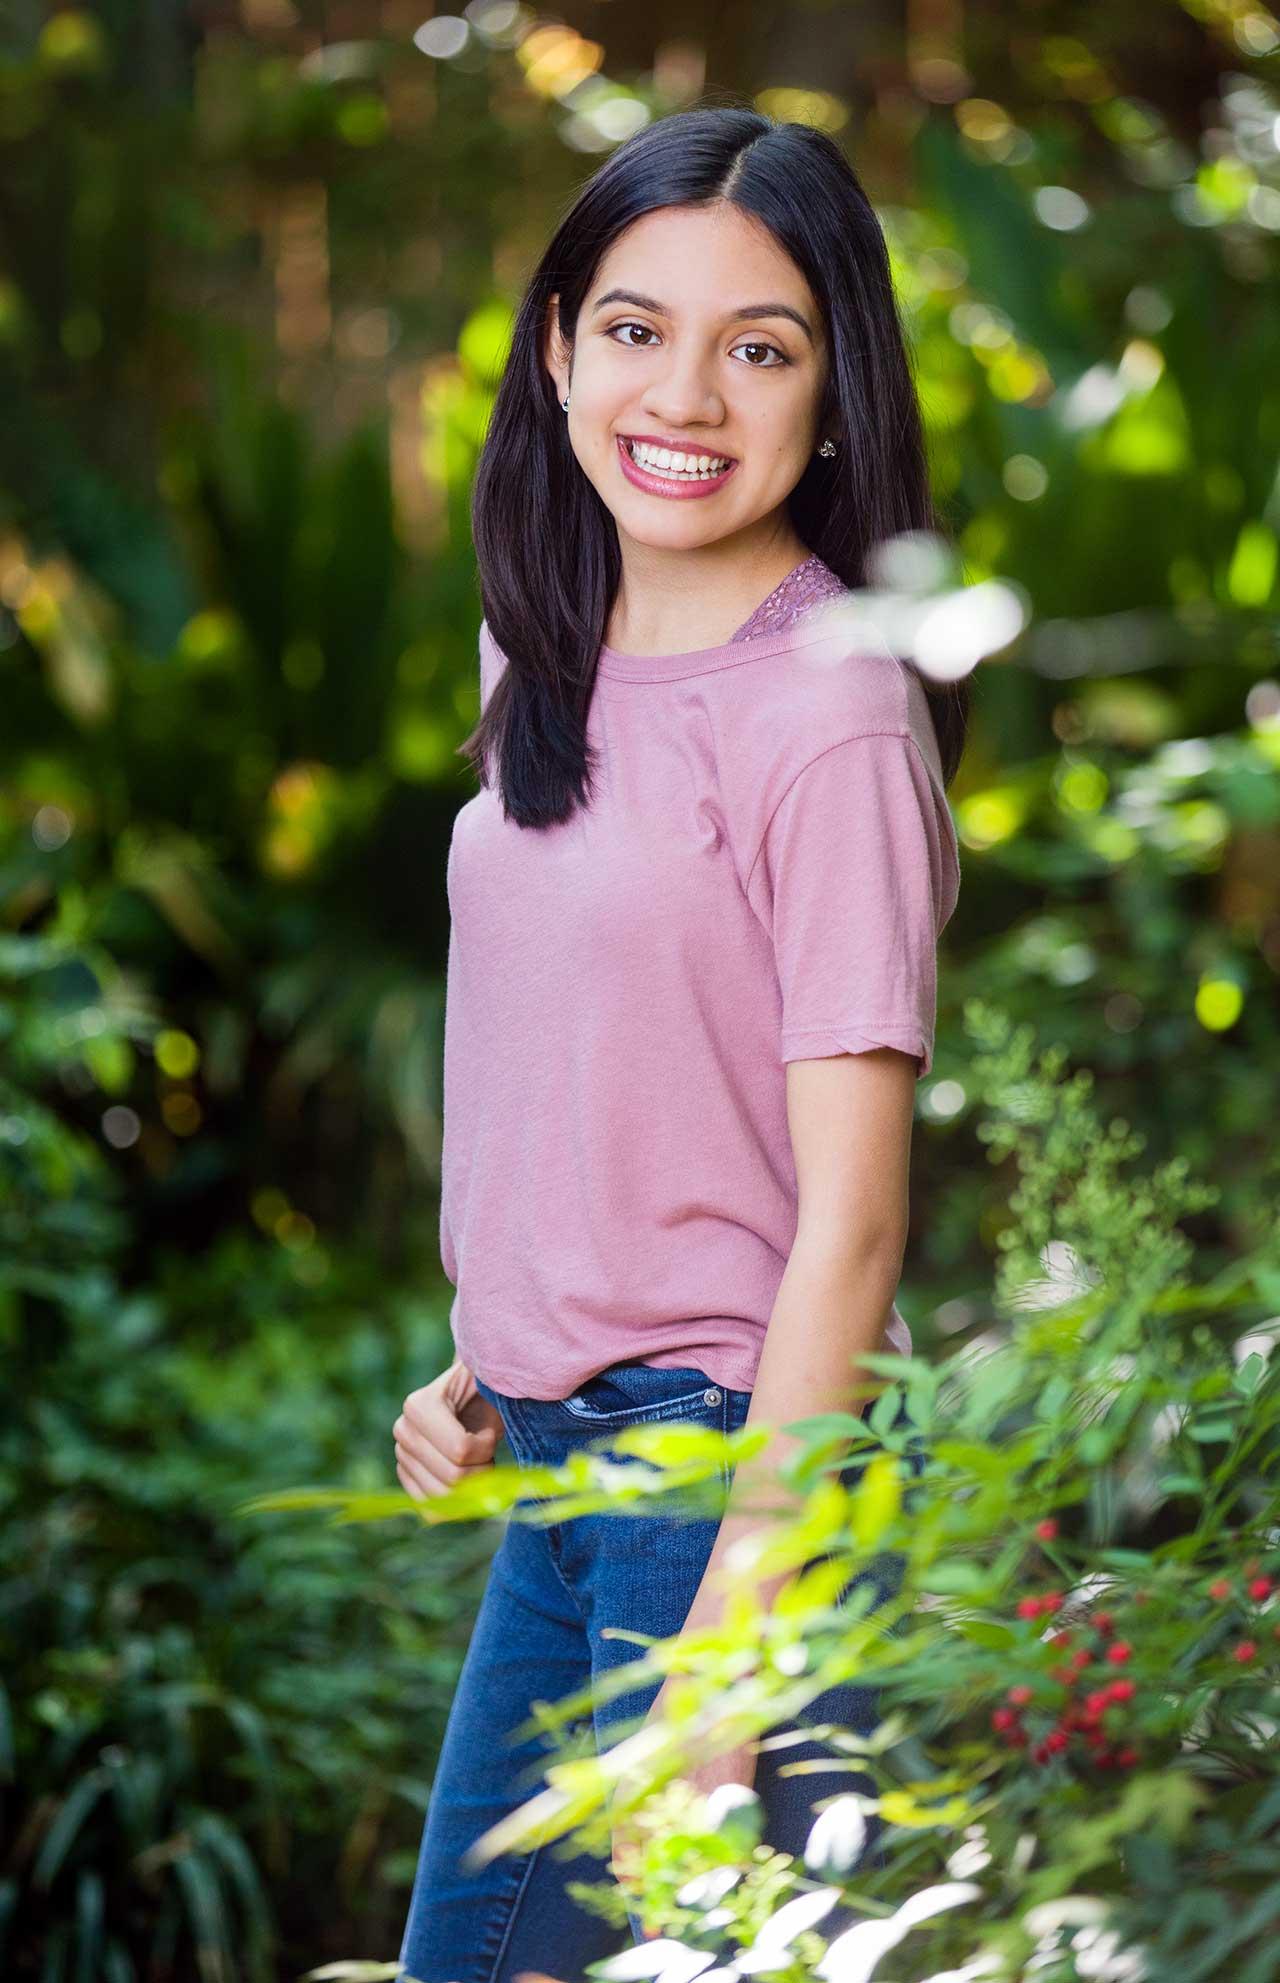 Isabella Reyna